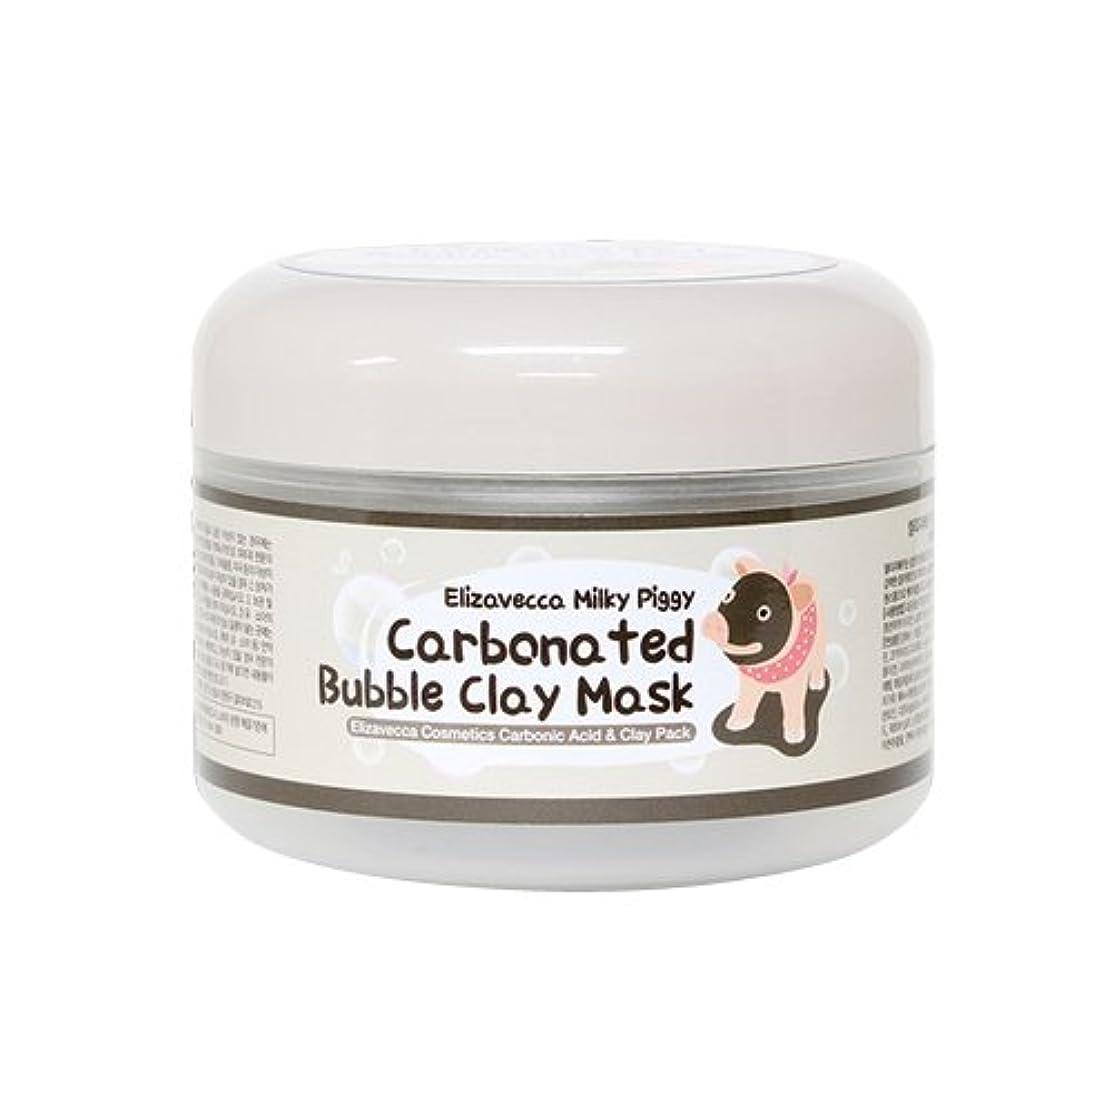 鉛筆持ってる親指[Elizaecca/エリザベカ/SESALO]炭酸バブルクレイマスク/Carbanated bubble clay mask[海外直送品]